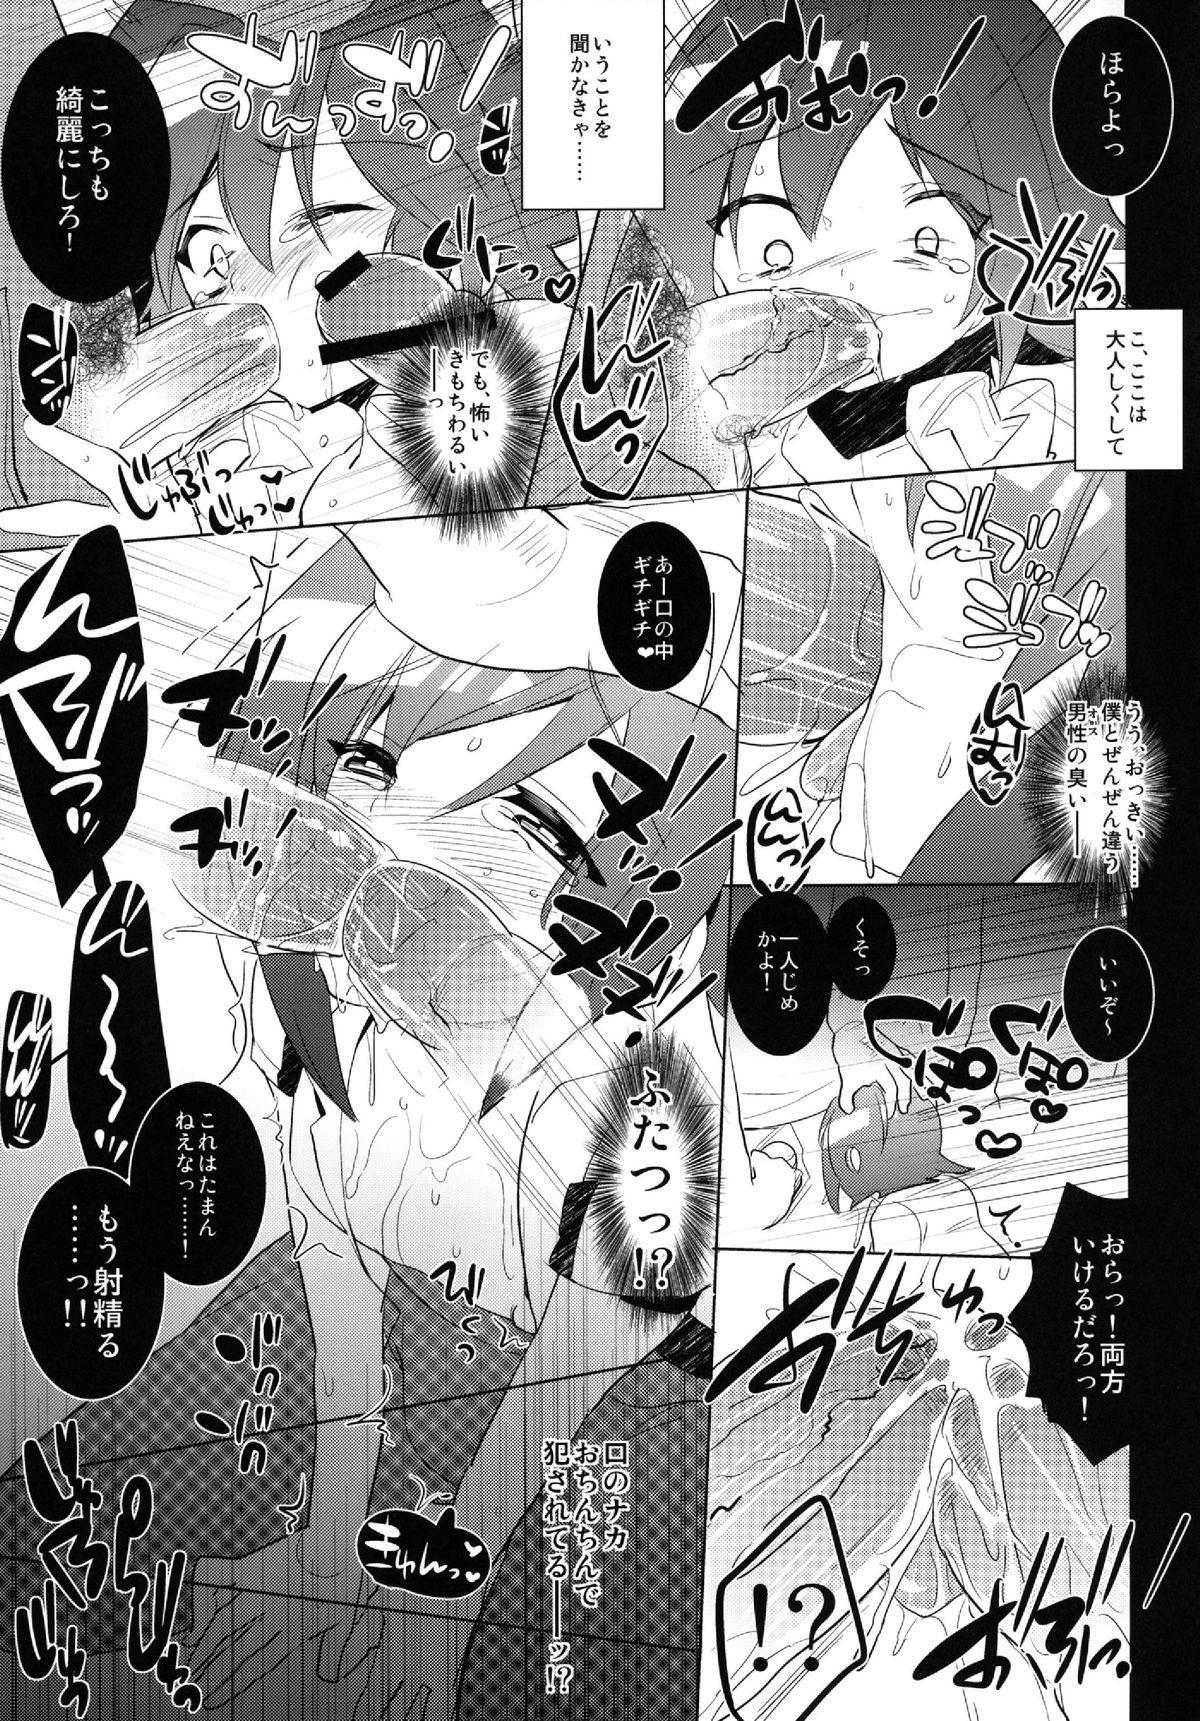 Ikoku Rape 12